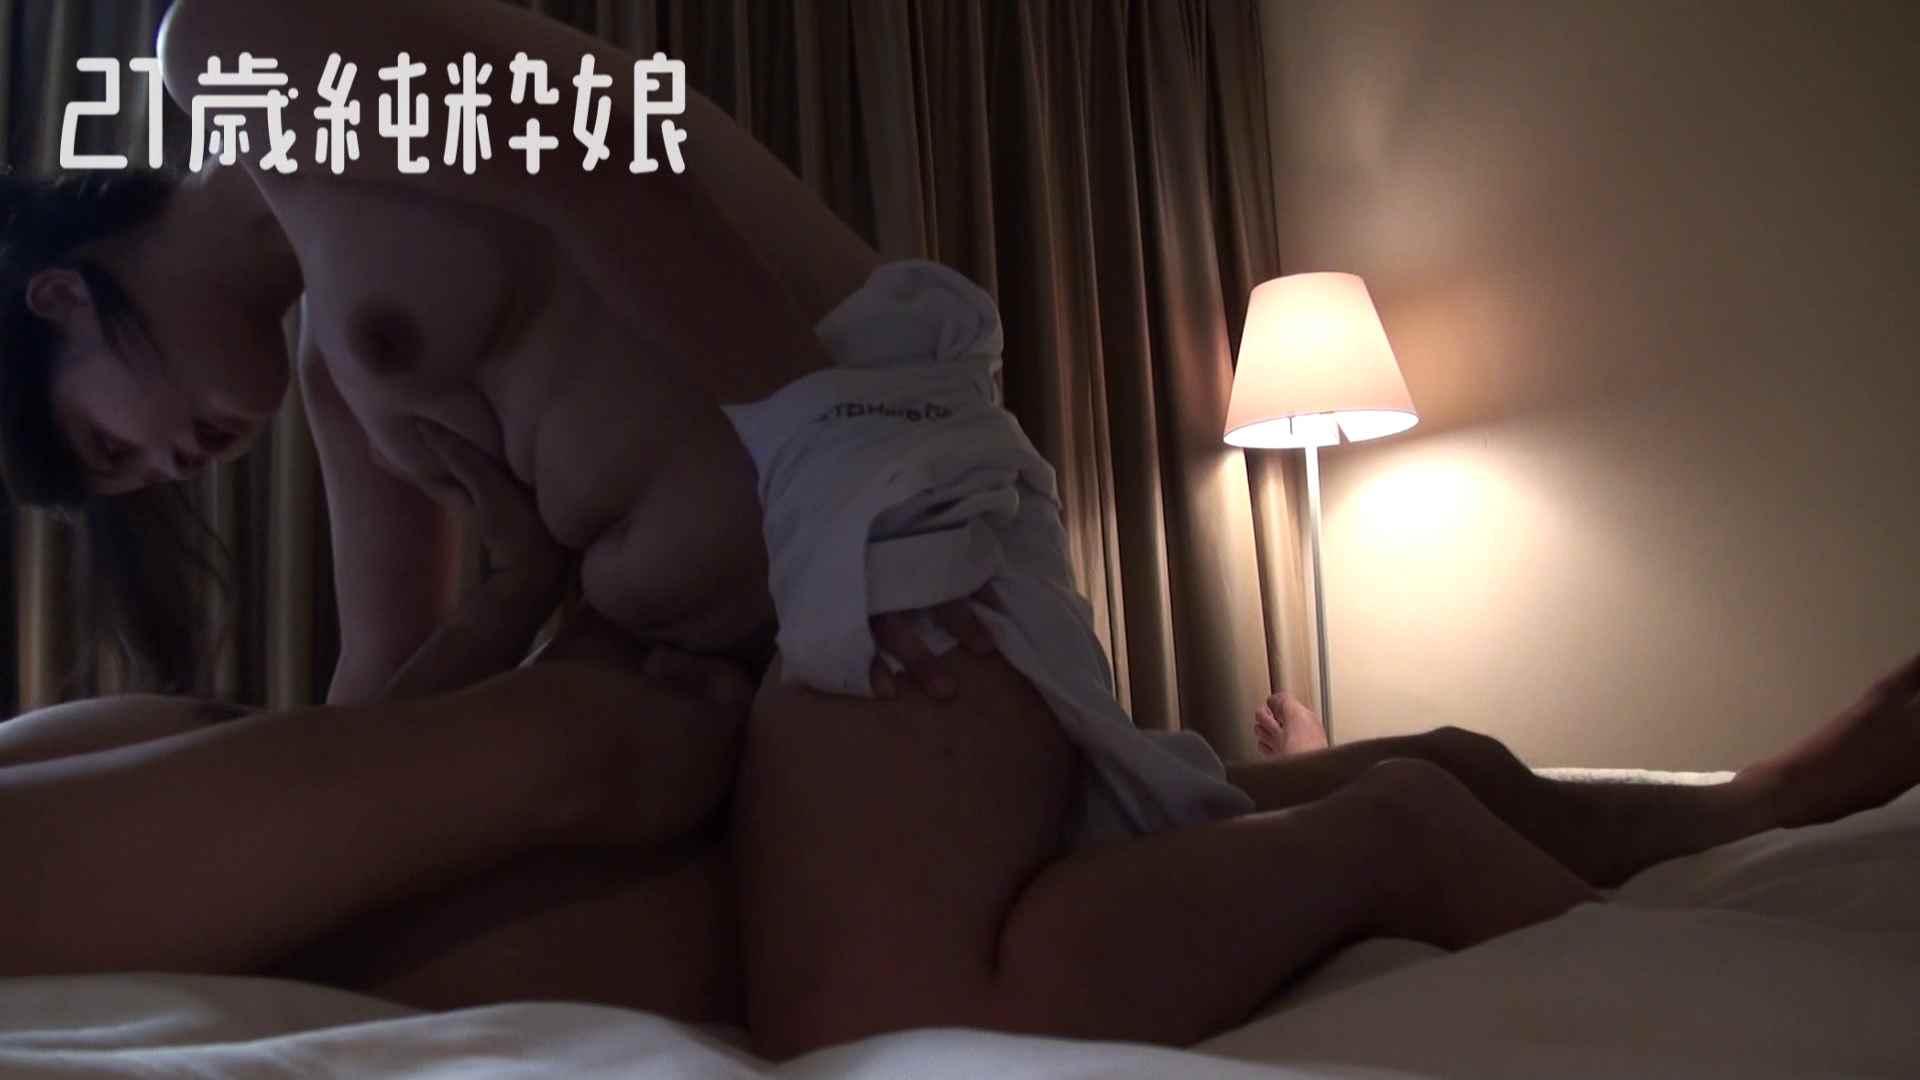 上京したばかりのGカップ21歳純粋嬢を都合の良い女にしてみた2 オナニー特集 | ギャル達のSEX  77画像 66